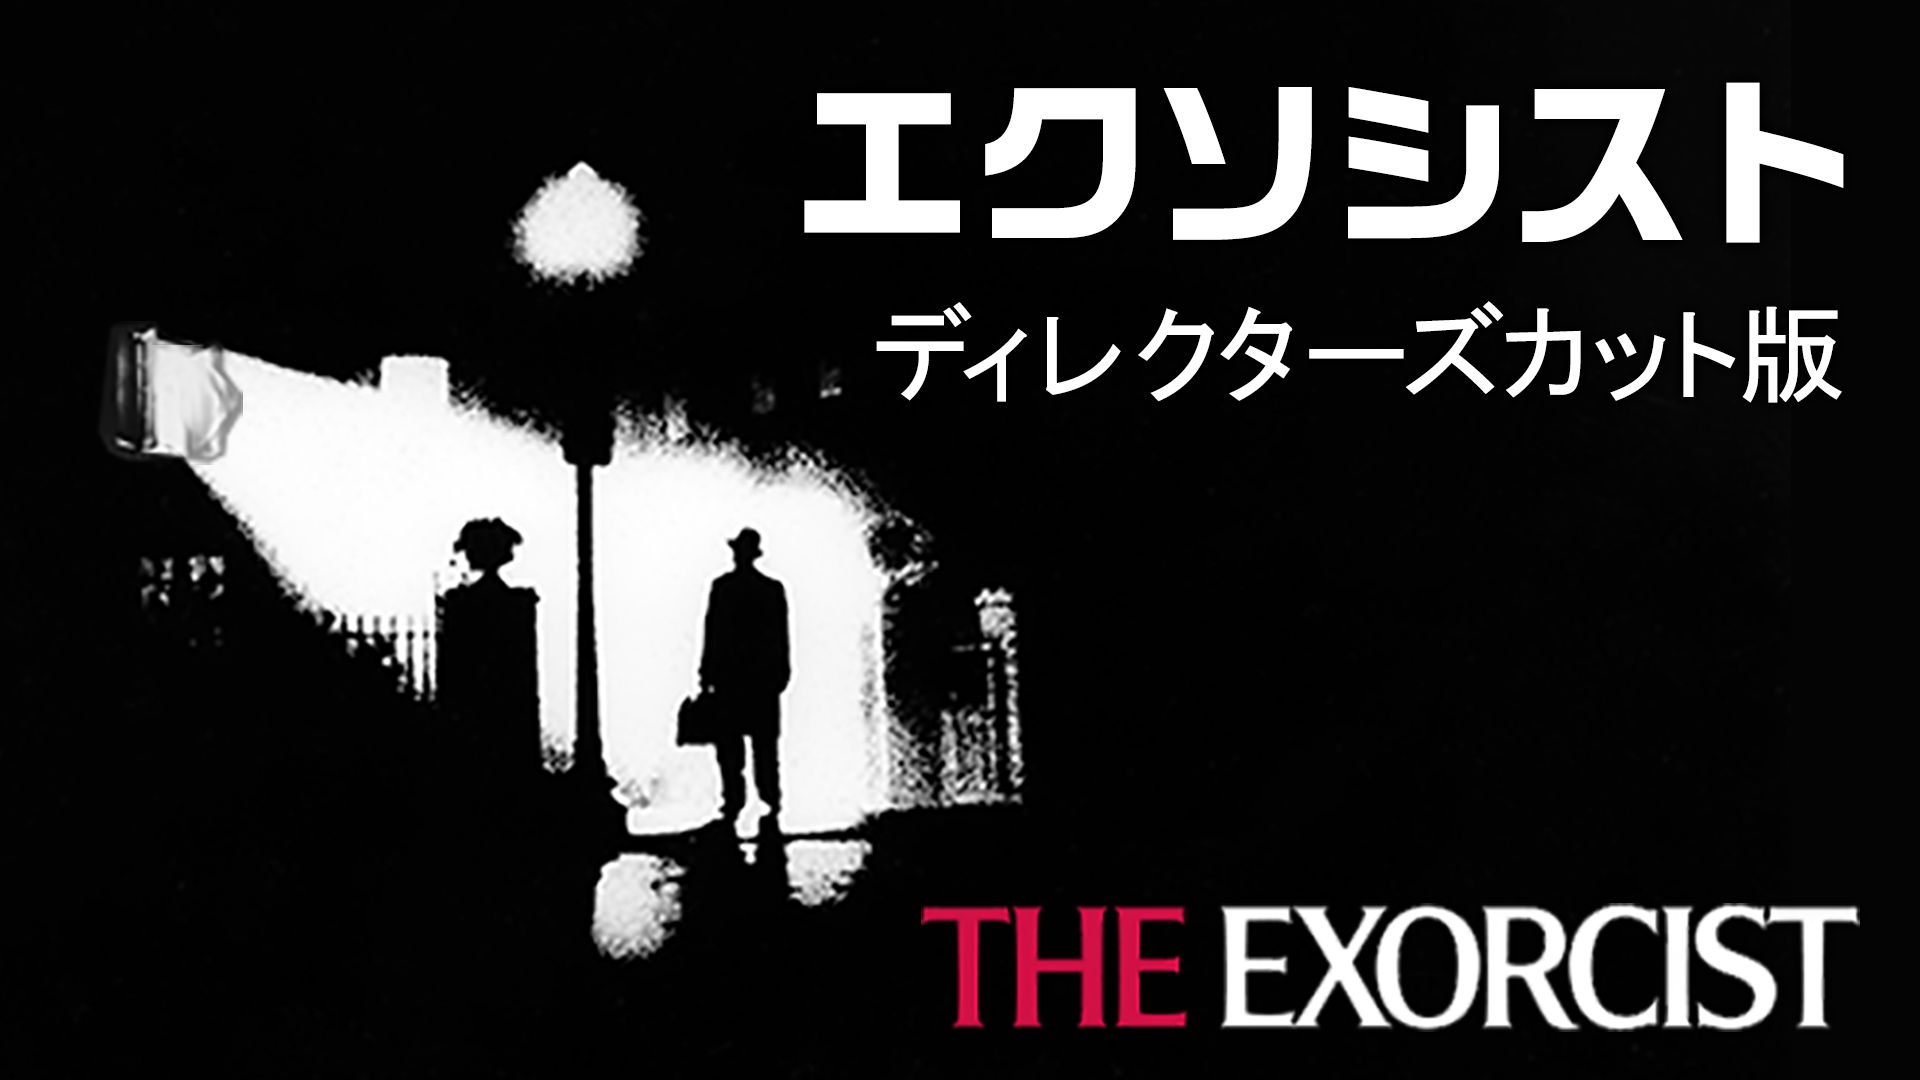 エクソシスト1(ディレクターズカット版)の動画 - エクソシスト シーズン2 孤島の悪魔